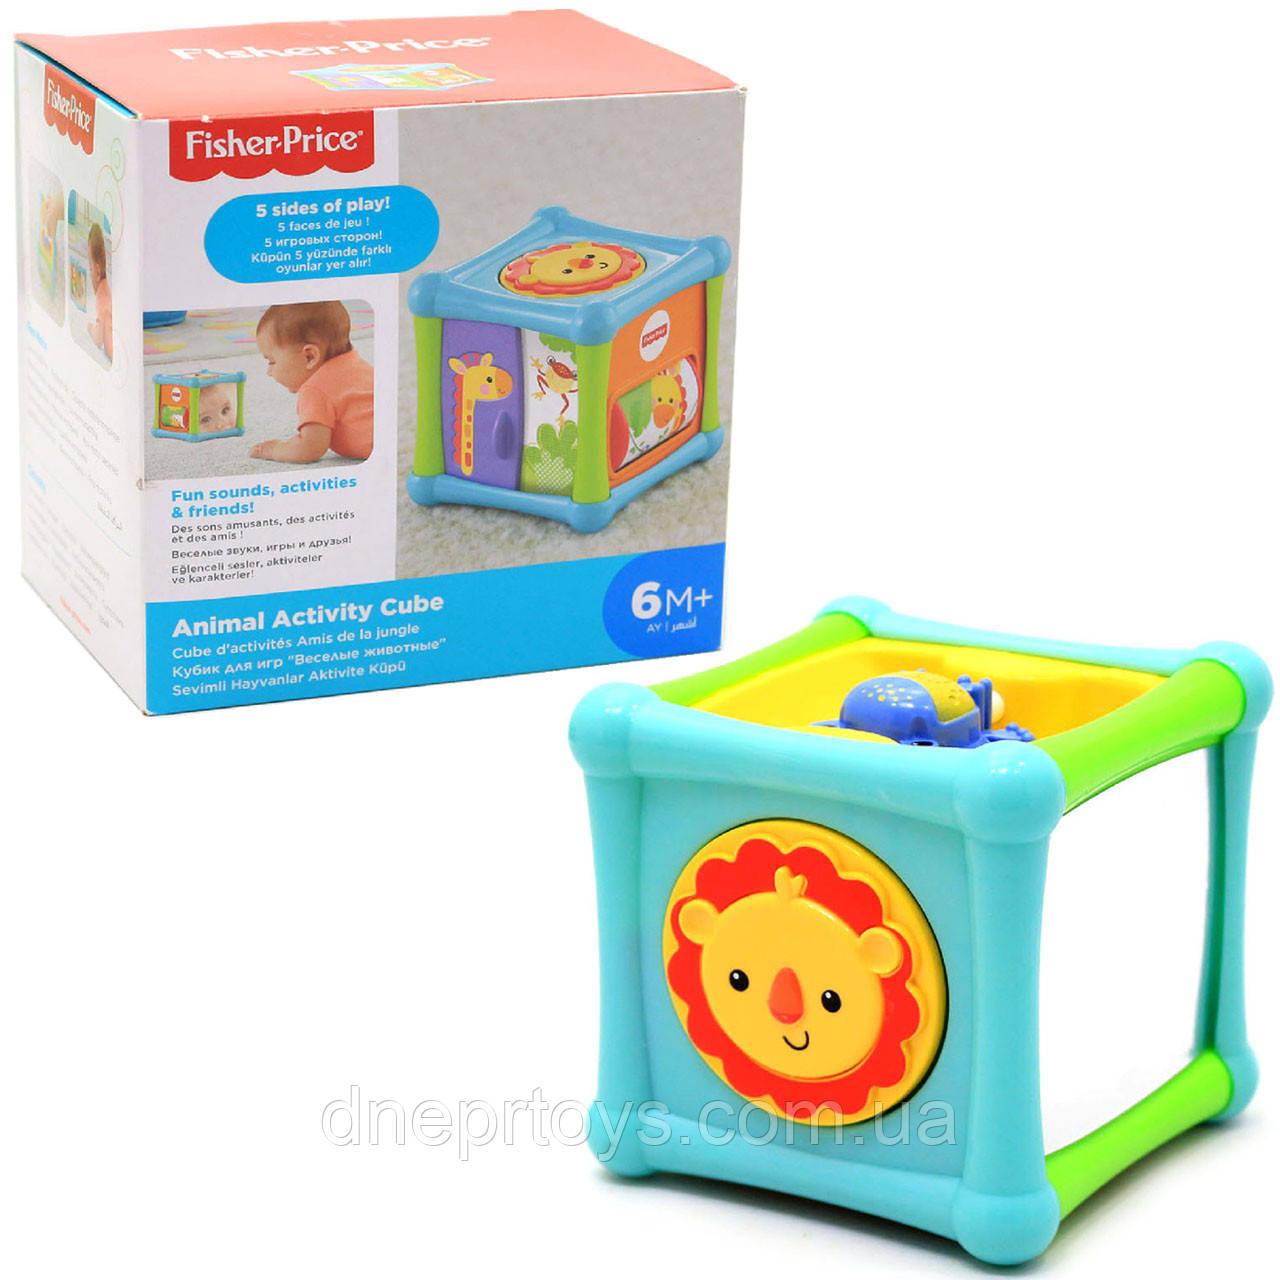 Розвиваюча іграшка Fisher Price «Ігровий кубик з тваринами», 12х12х11 см (BFH80)